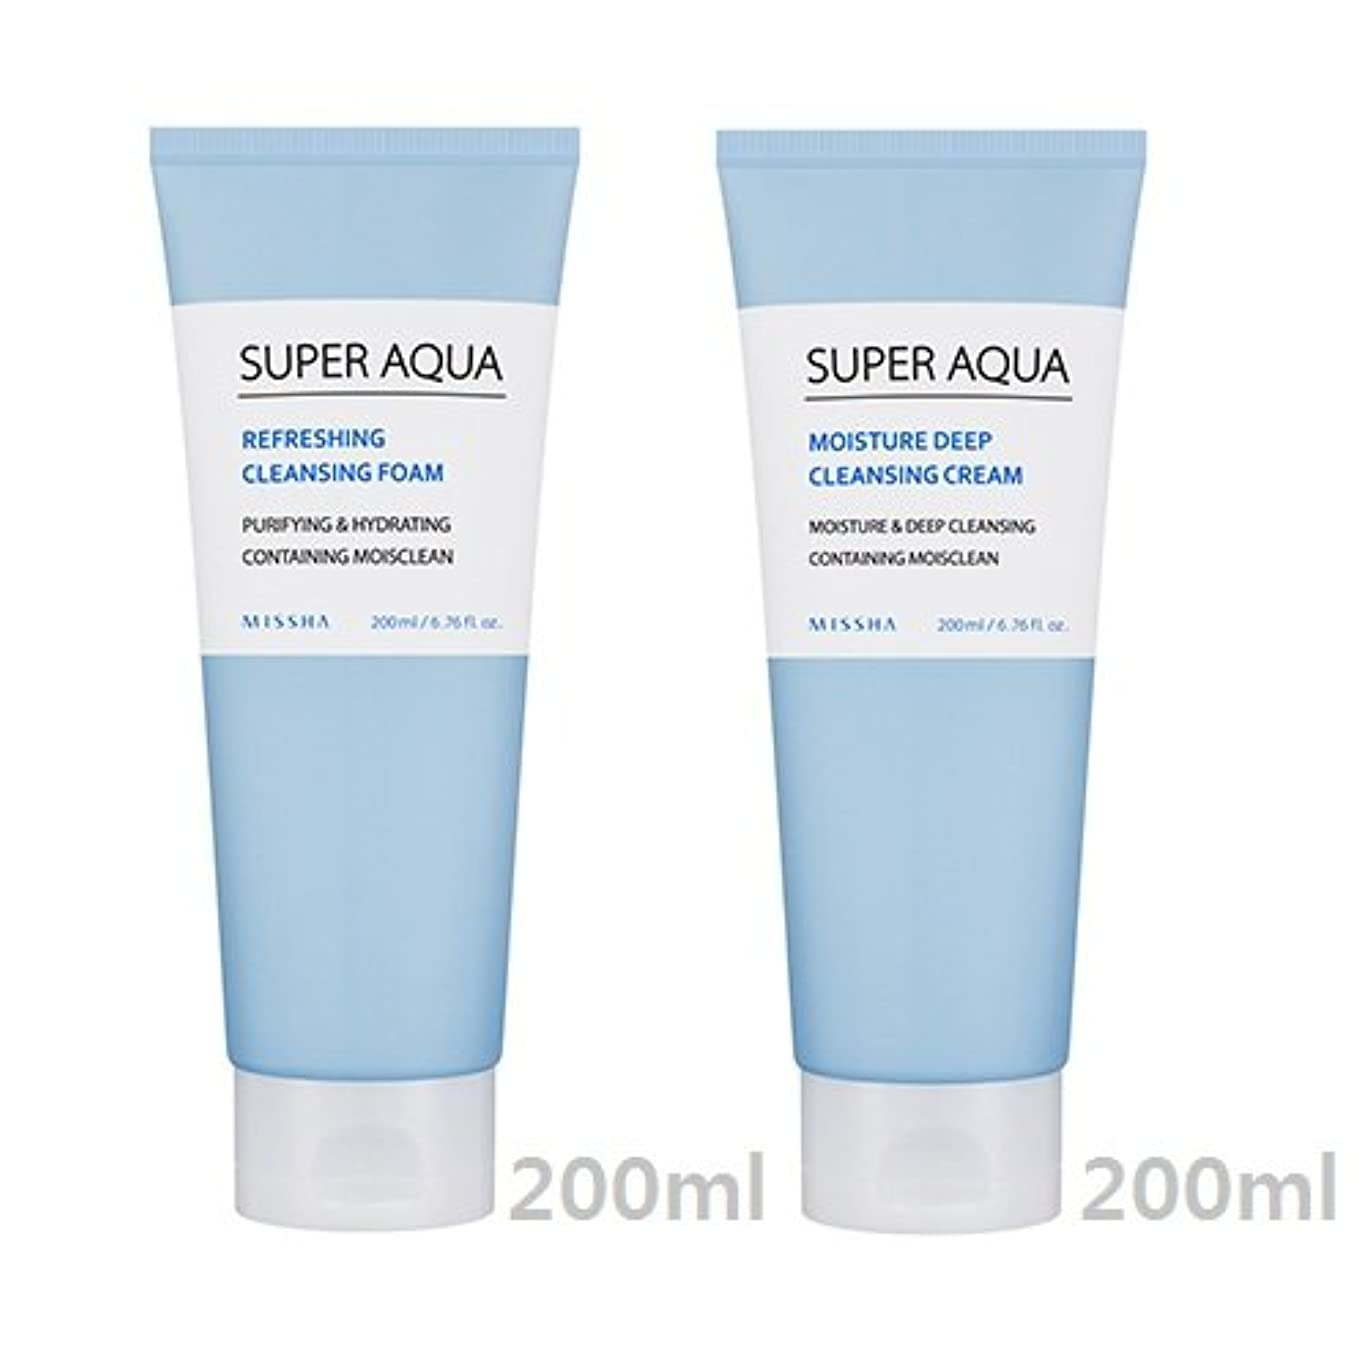 申し立てる映画ヒント[1+1] MISSHA Super Aqua Cleansing Cream + Foam/ミシャ スーパー アクア クレンジング クリーム + フォーム [並行輸入品]